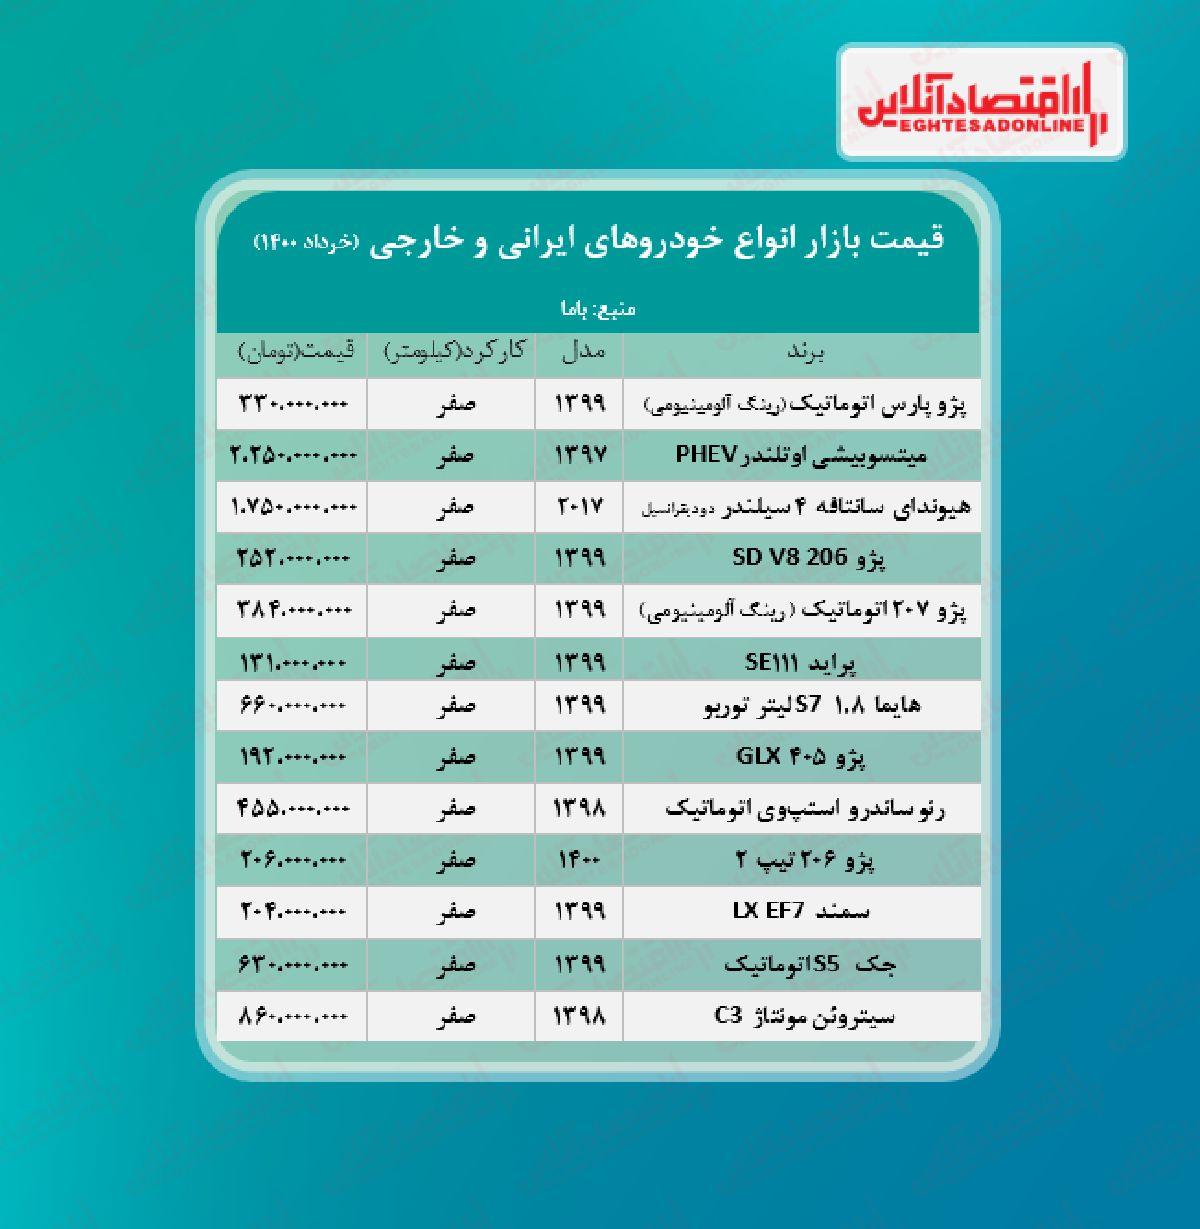 قیمت خودرو امروز ۱۴۰۰/۳/۹